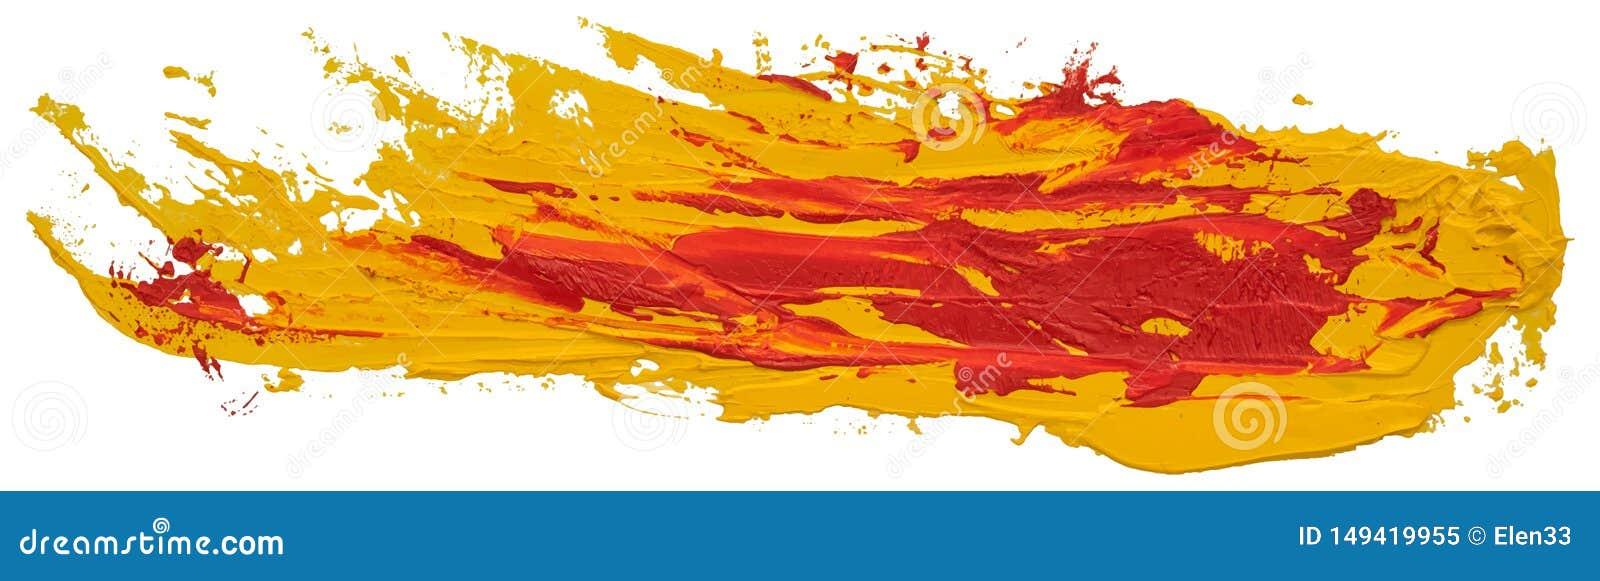 红色和黄色杂乱被察觉的油纹理画笔冲程